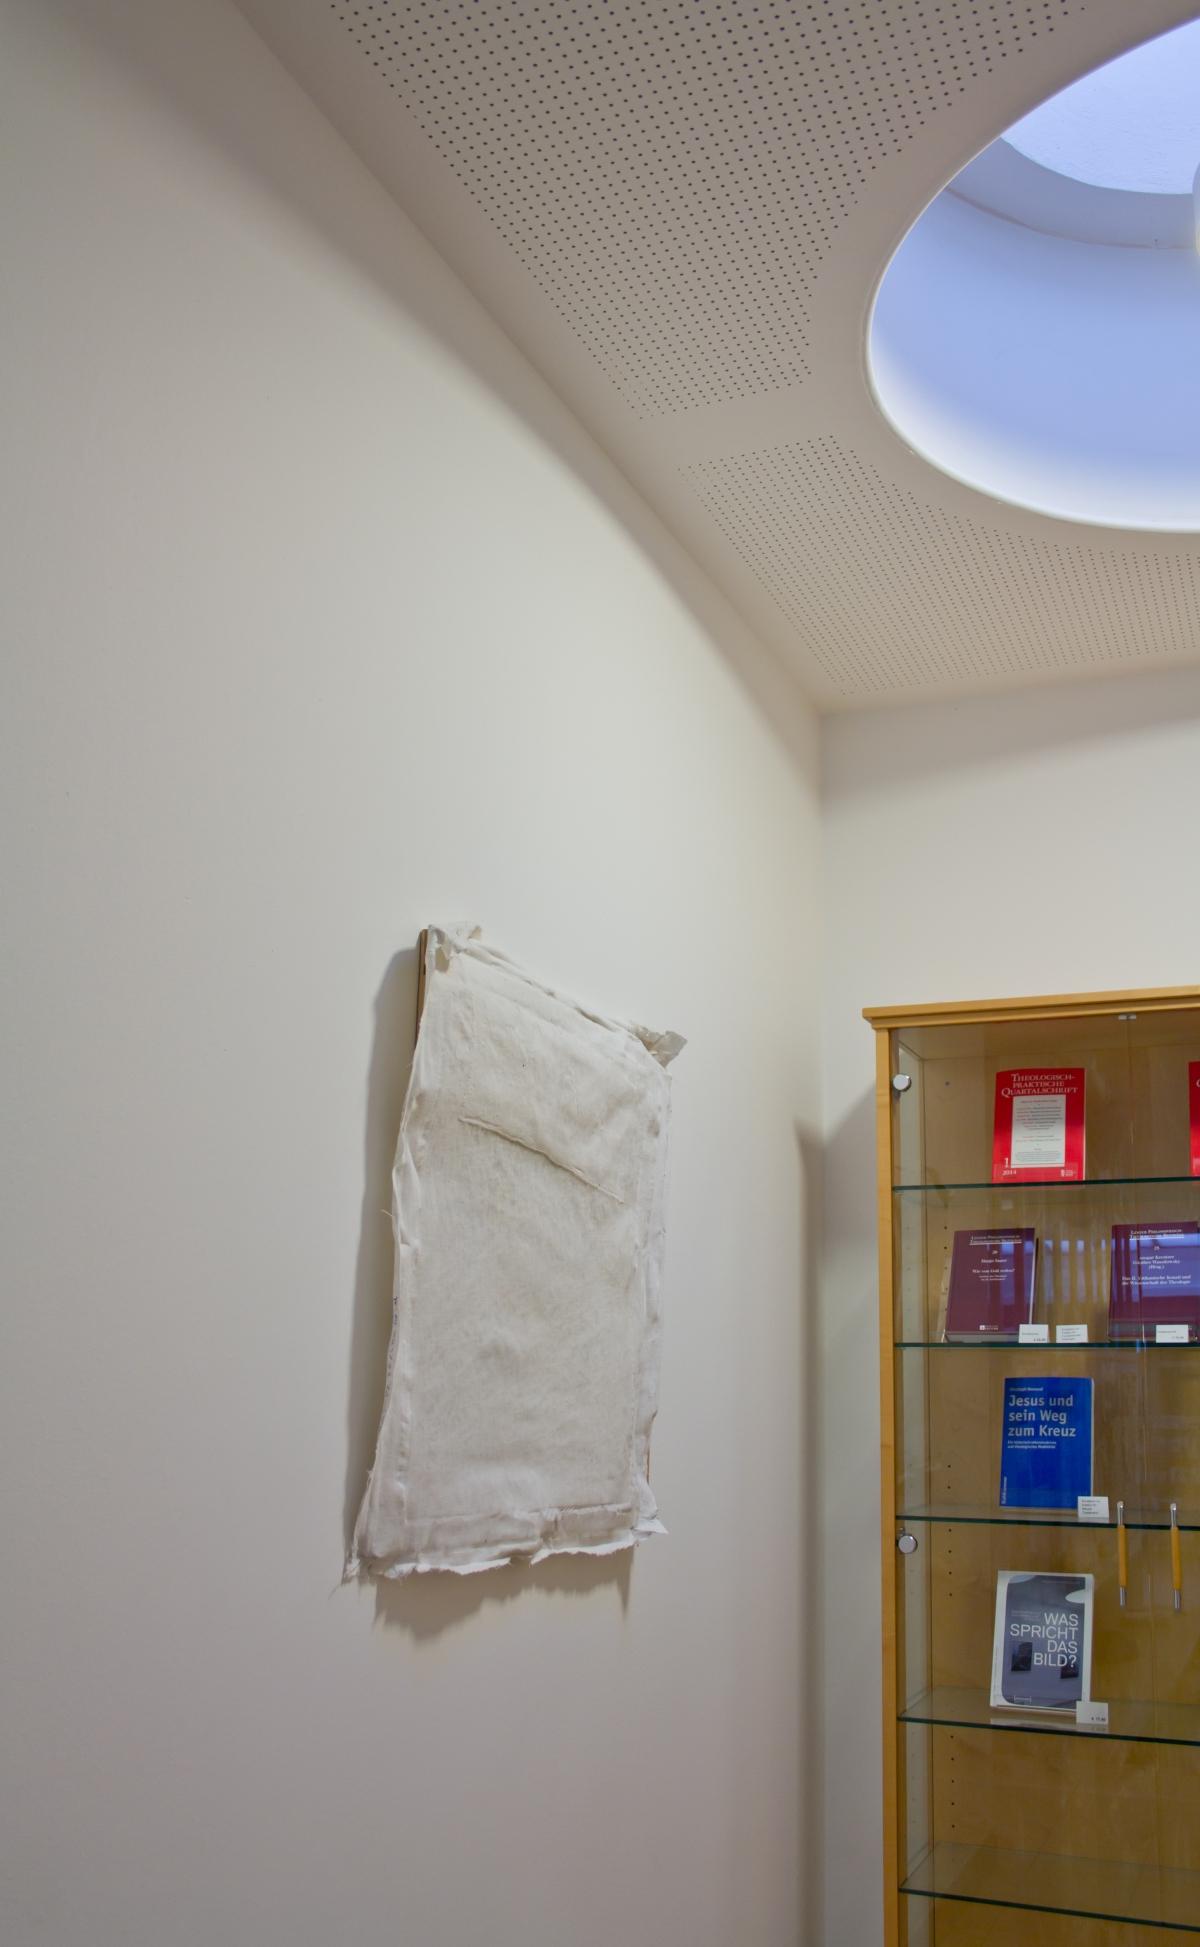 Ausstellungsansicht 4, Julia Hinterberger, Im Vorbeigehen, 2015